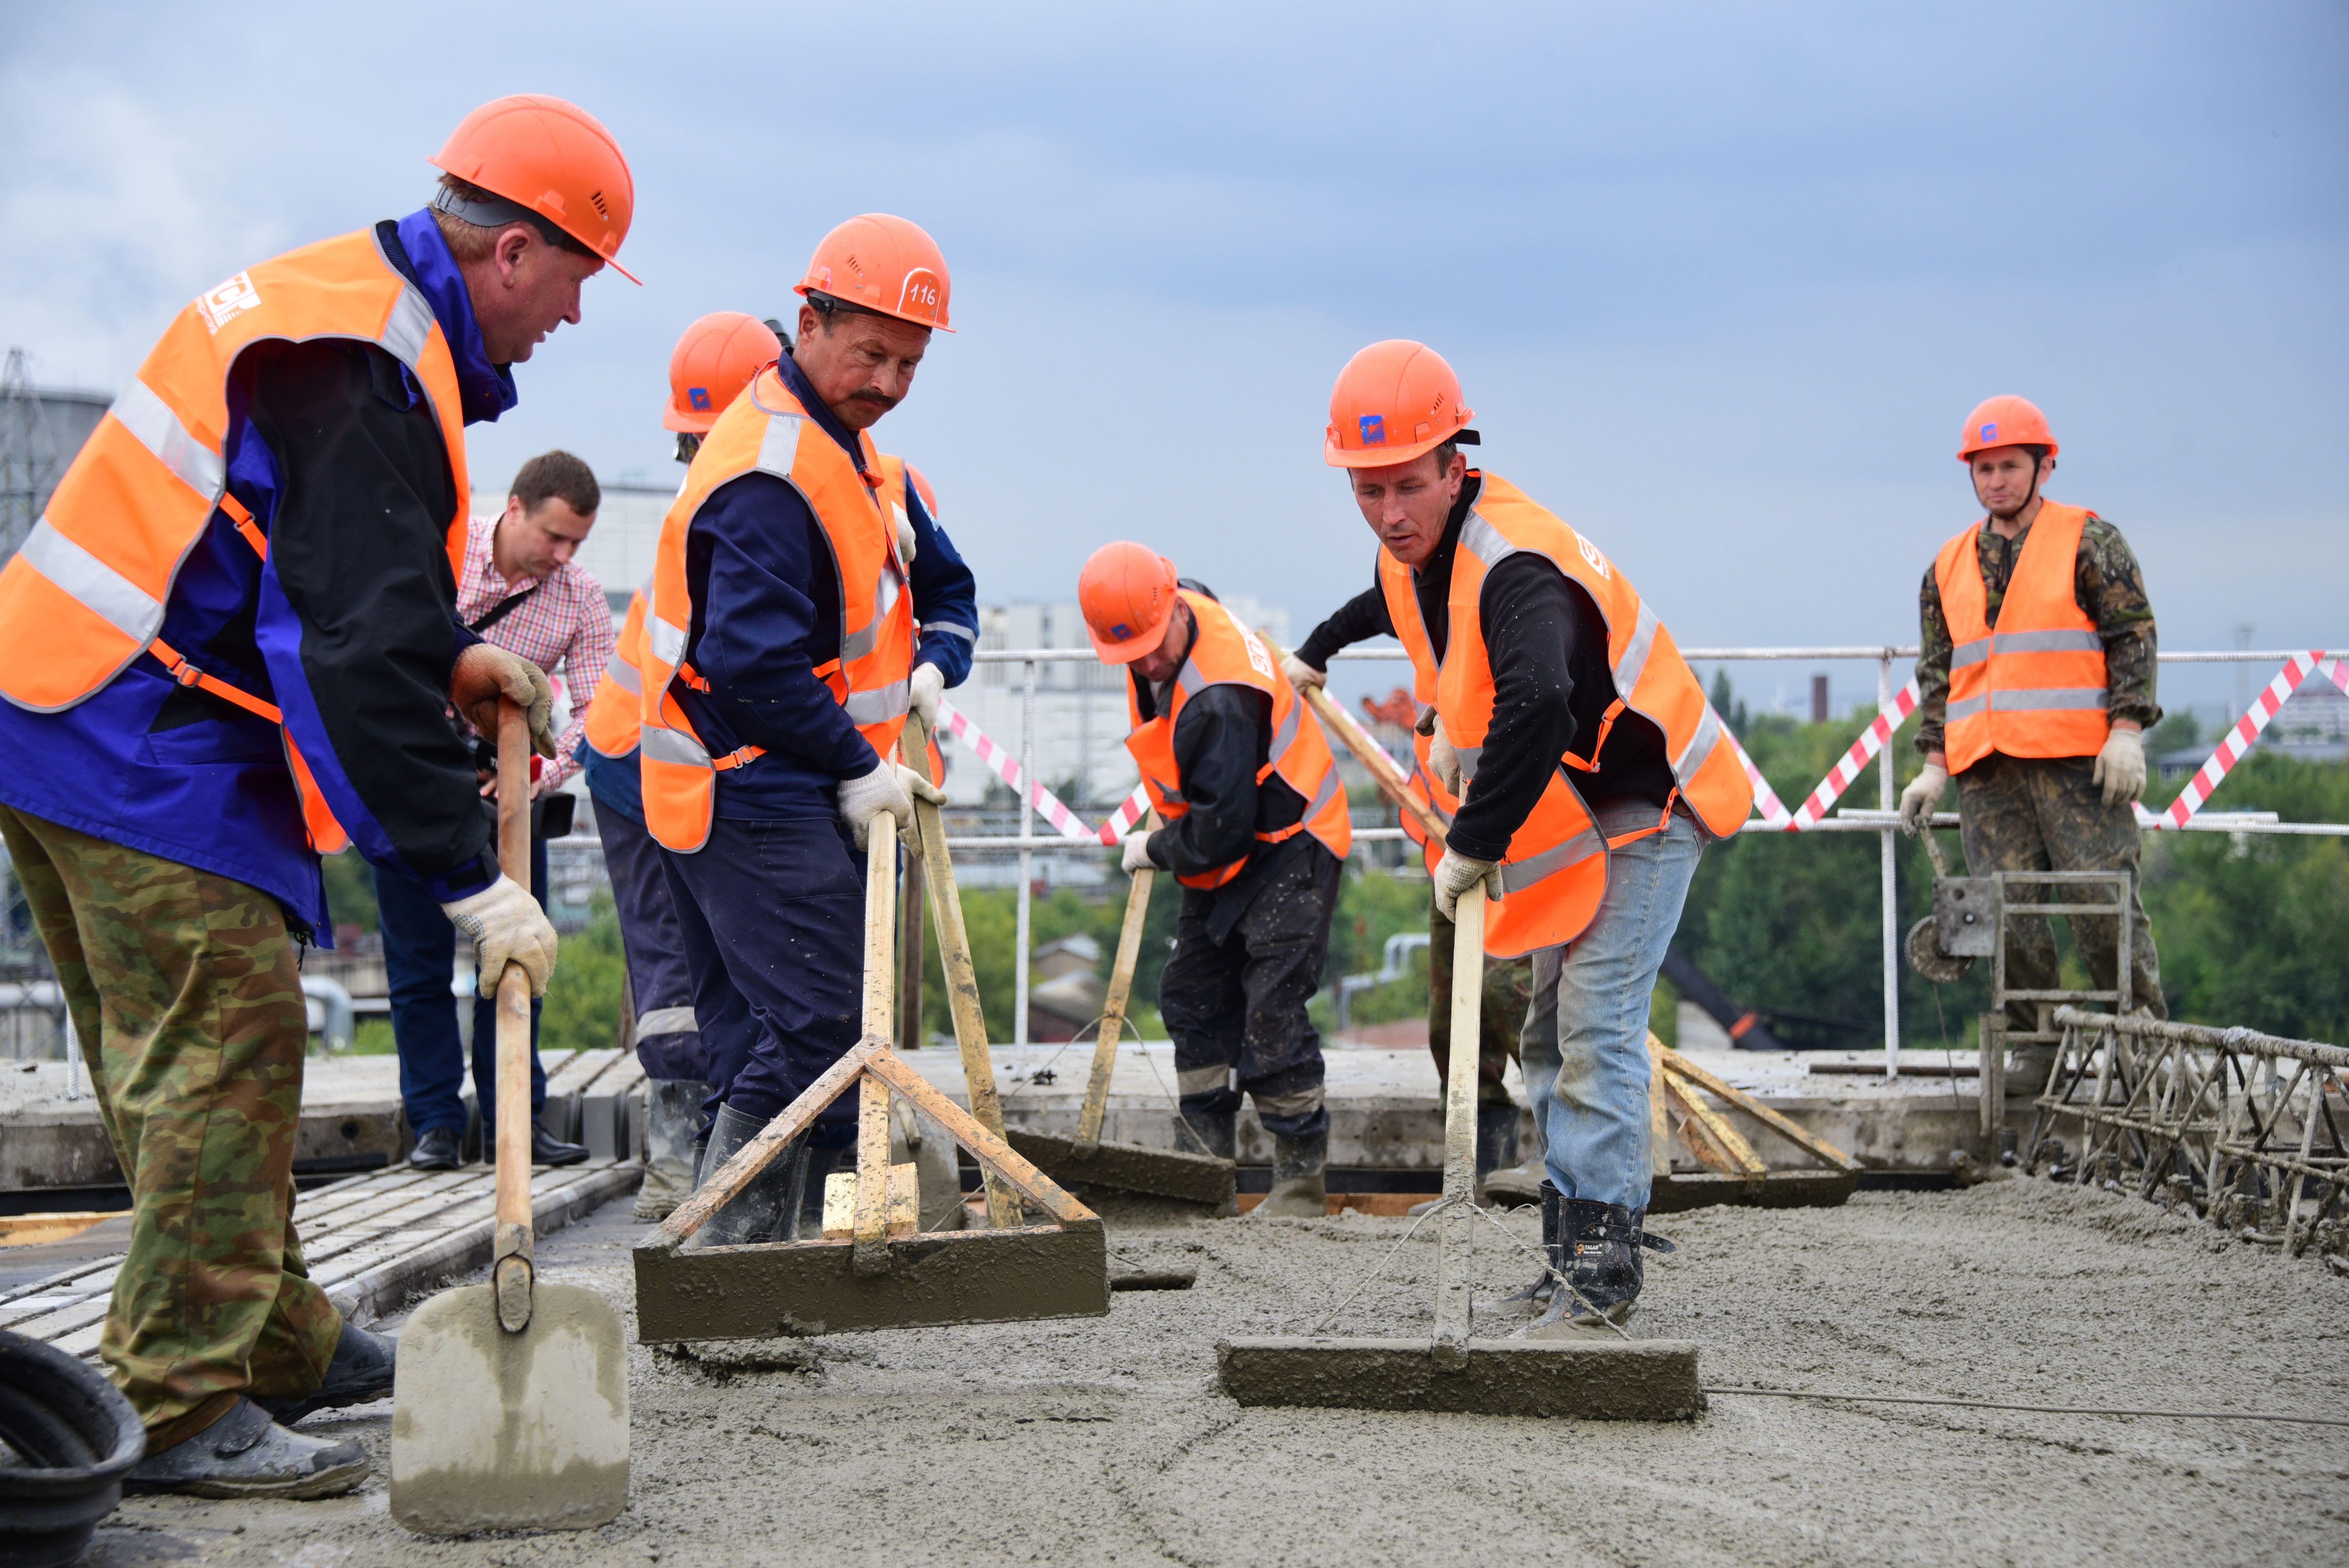 В Москве согласовали новый этап строительства развязки на дублере Кутузовского проспекта